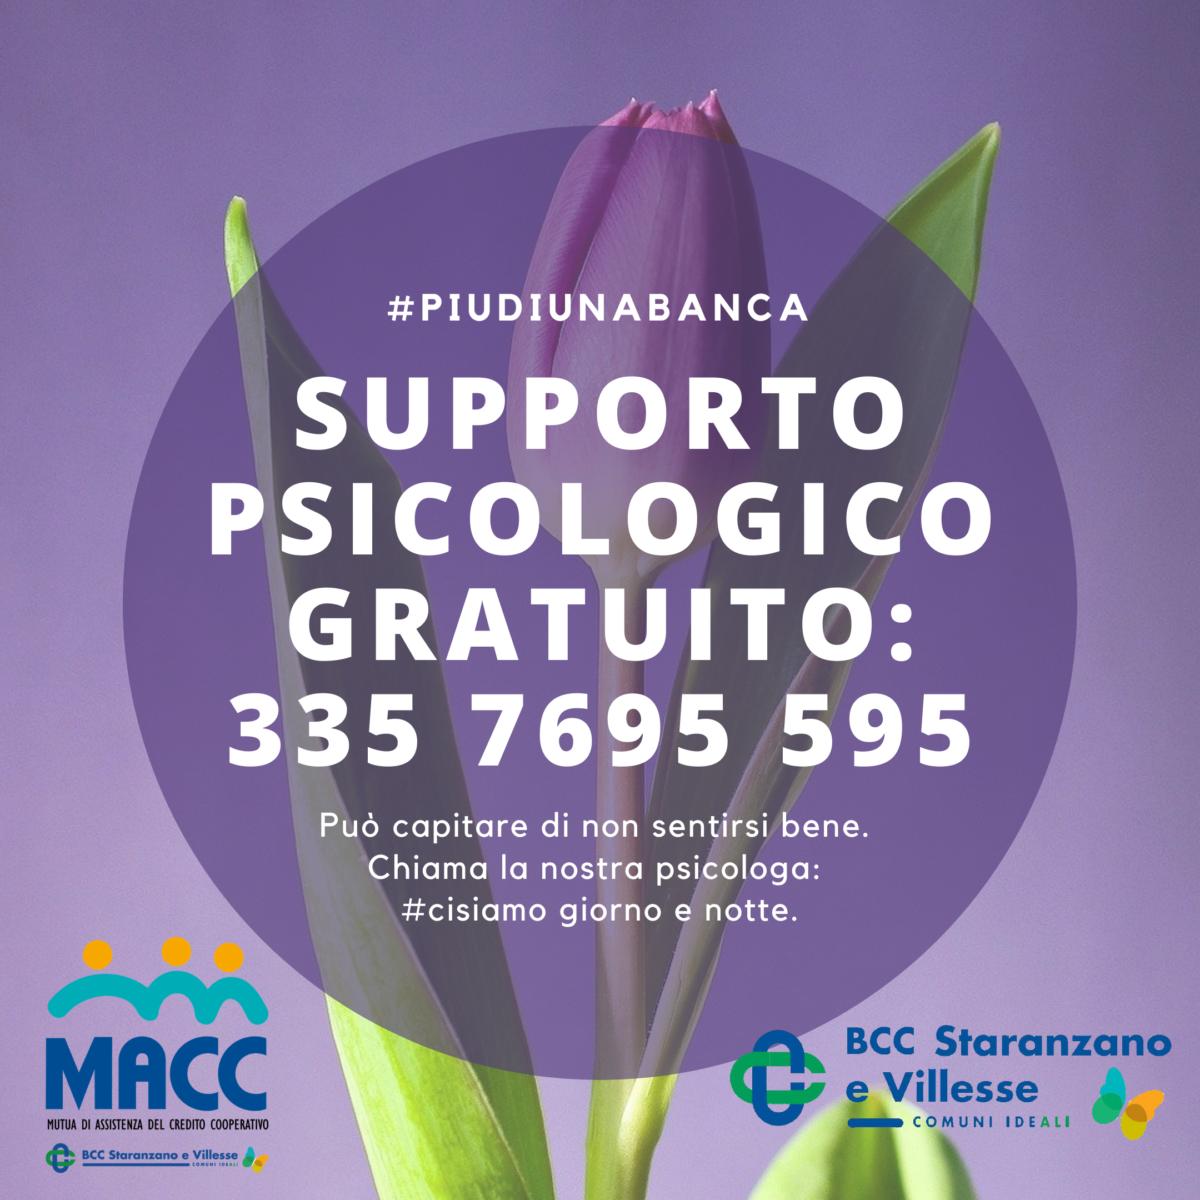 335 7695595: servizio psicologico gratuito per i soci MACC e BCC!